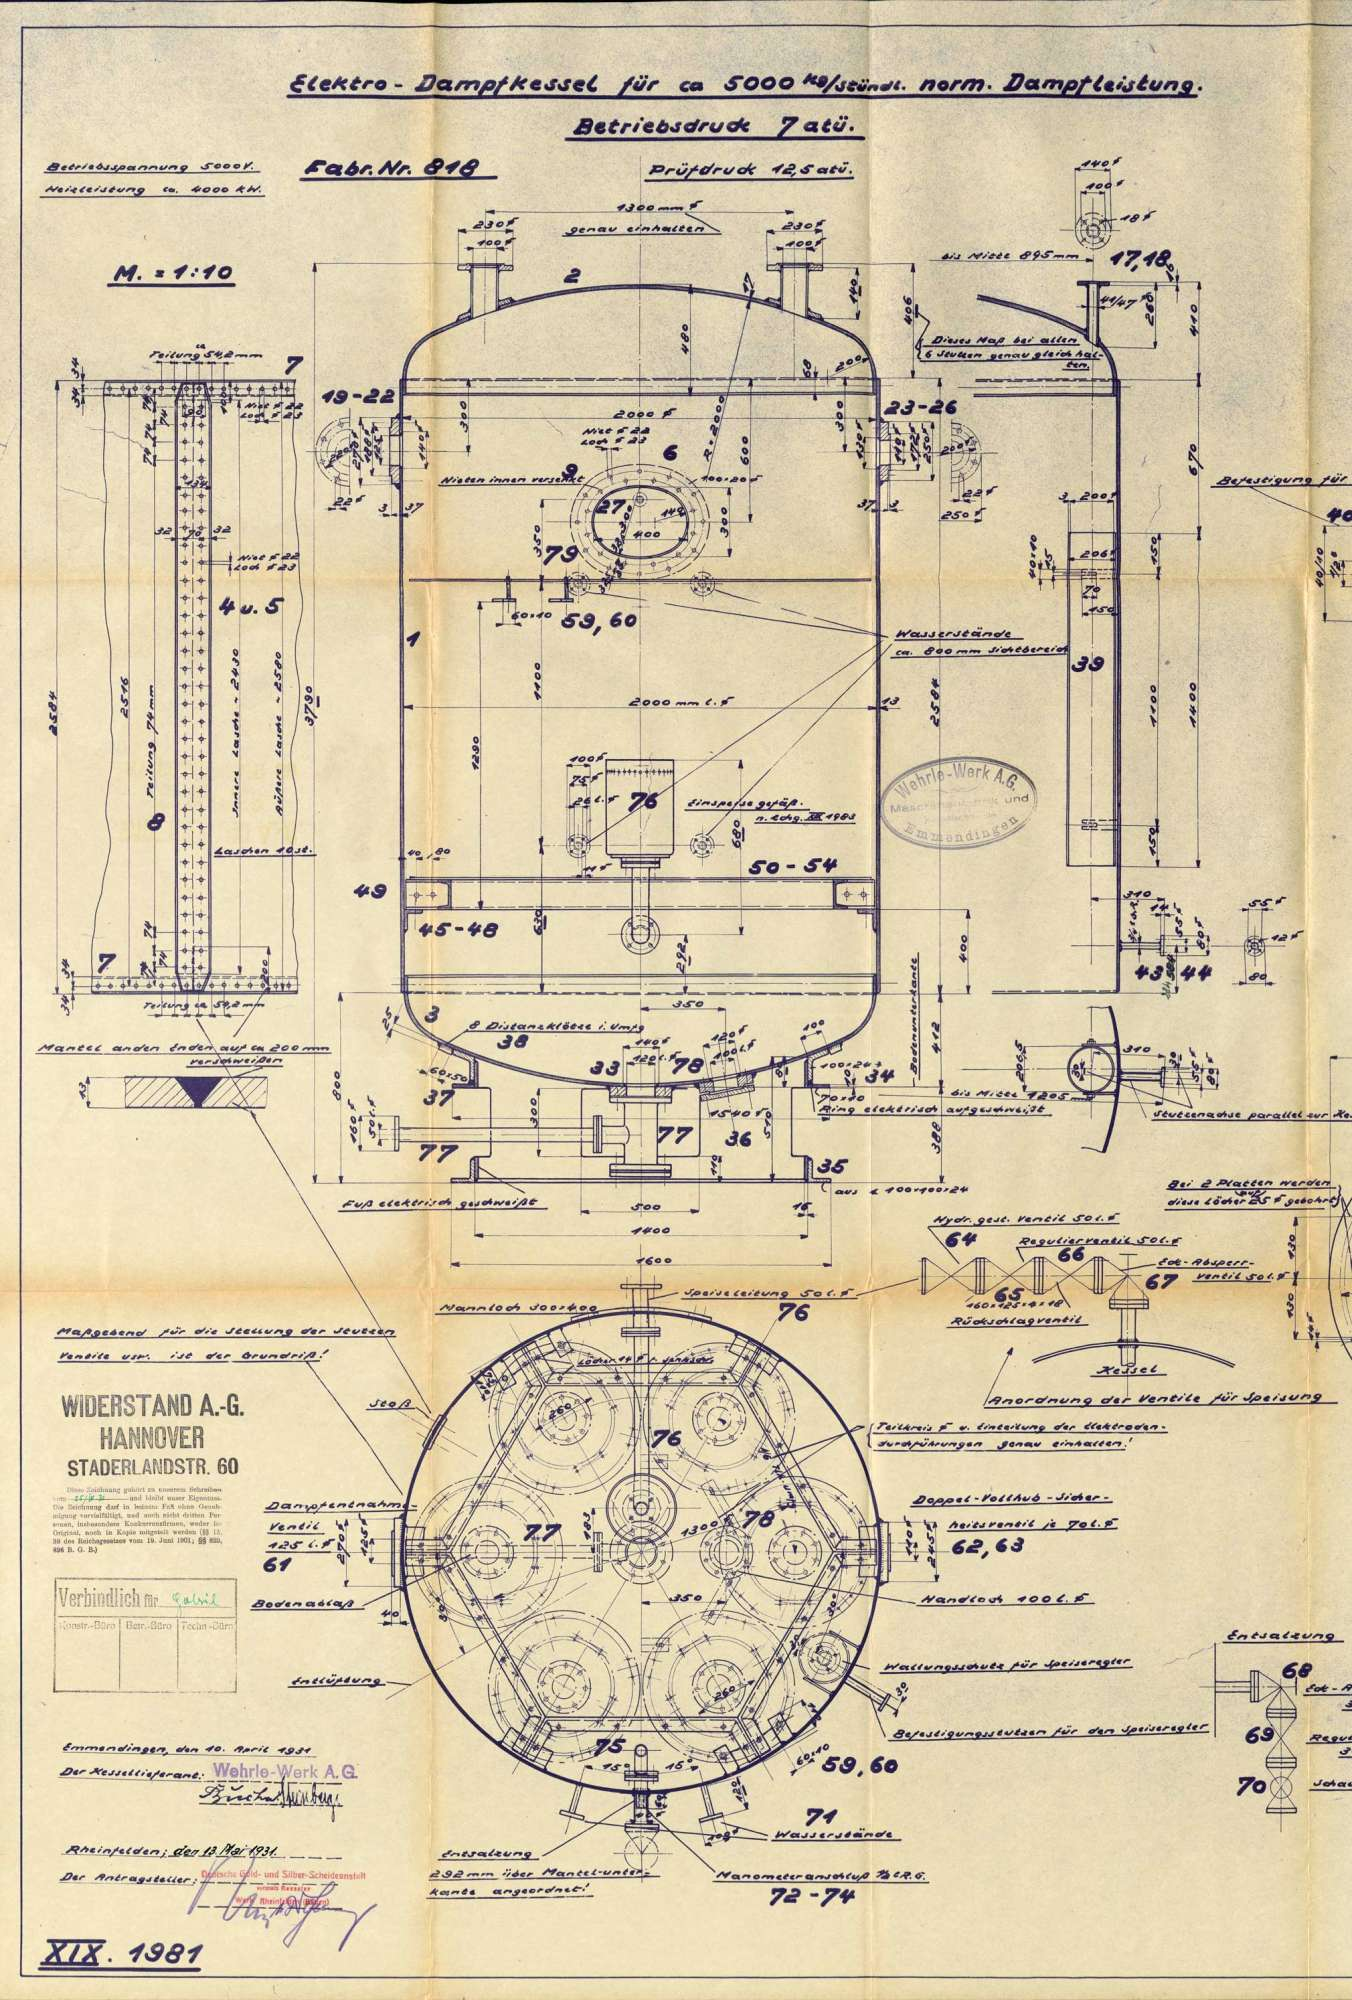 Dampfkessel der Firma Deutsche Gold- und Silberscheideanstalt, vormals Rössler Werk, in Rheinfelden (Baden), Bild 3